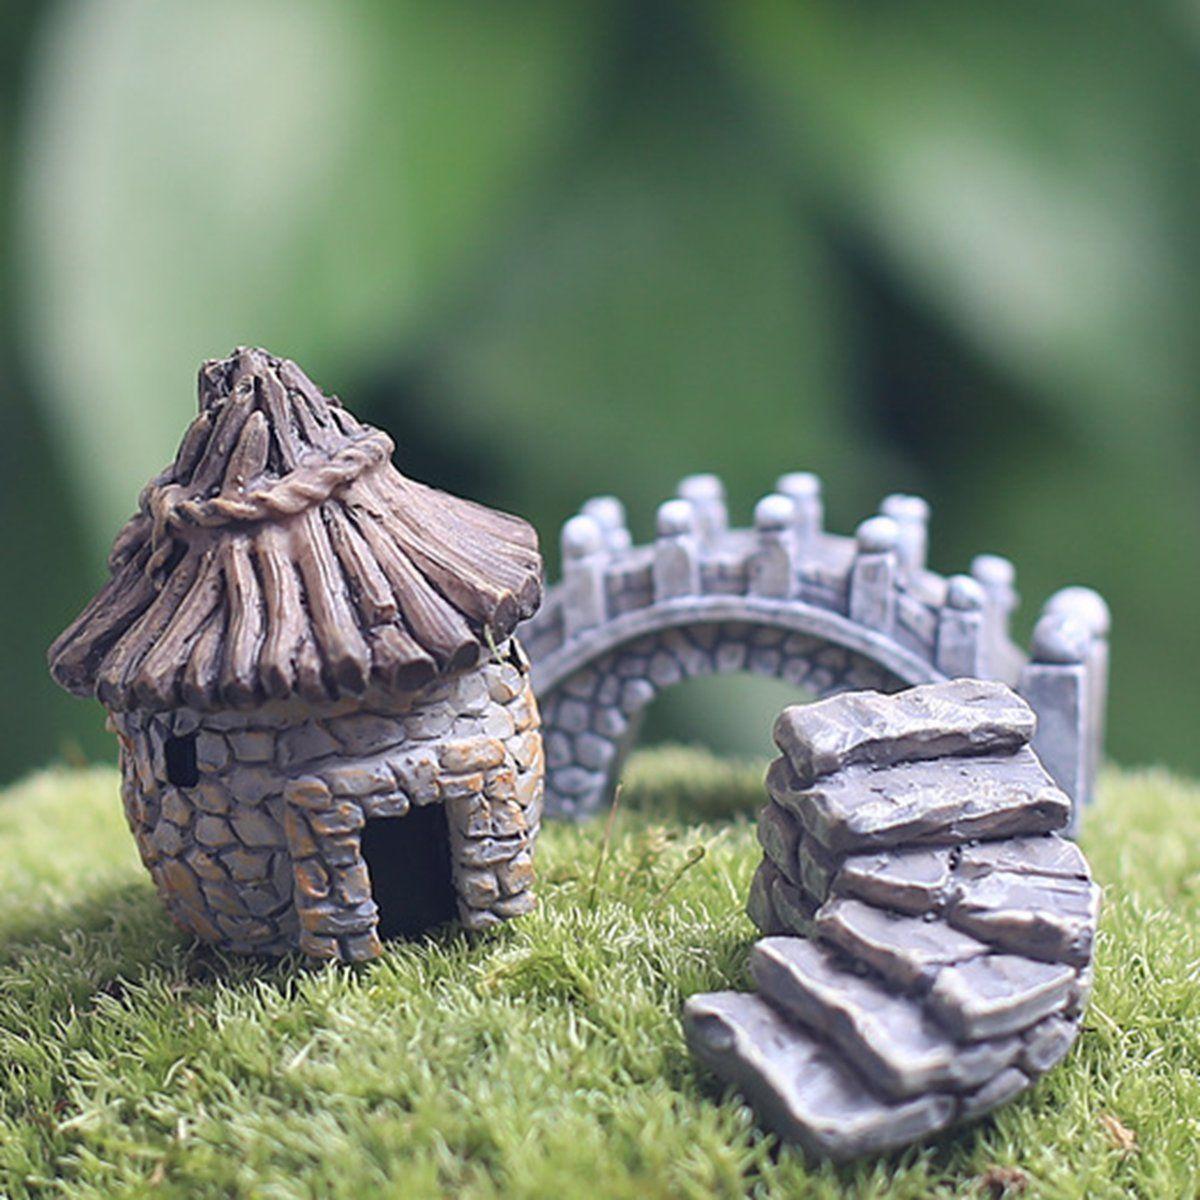 Amazon.com : KINGSO Thatched Cottage Miniature Dollhouse Pots Decor ...